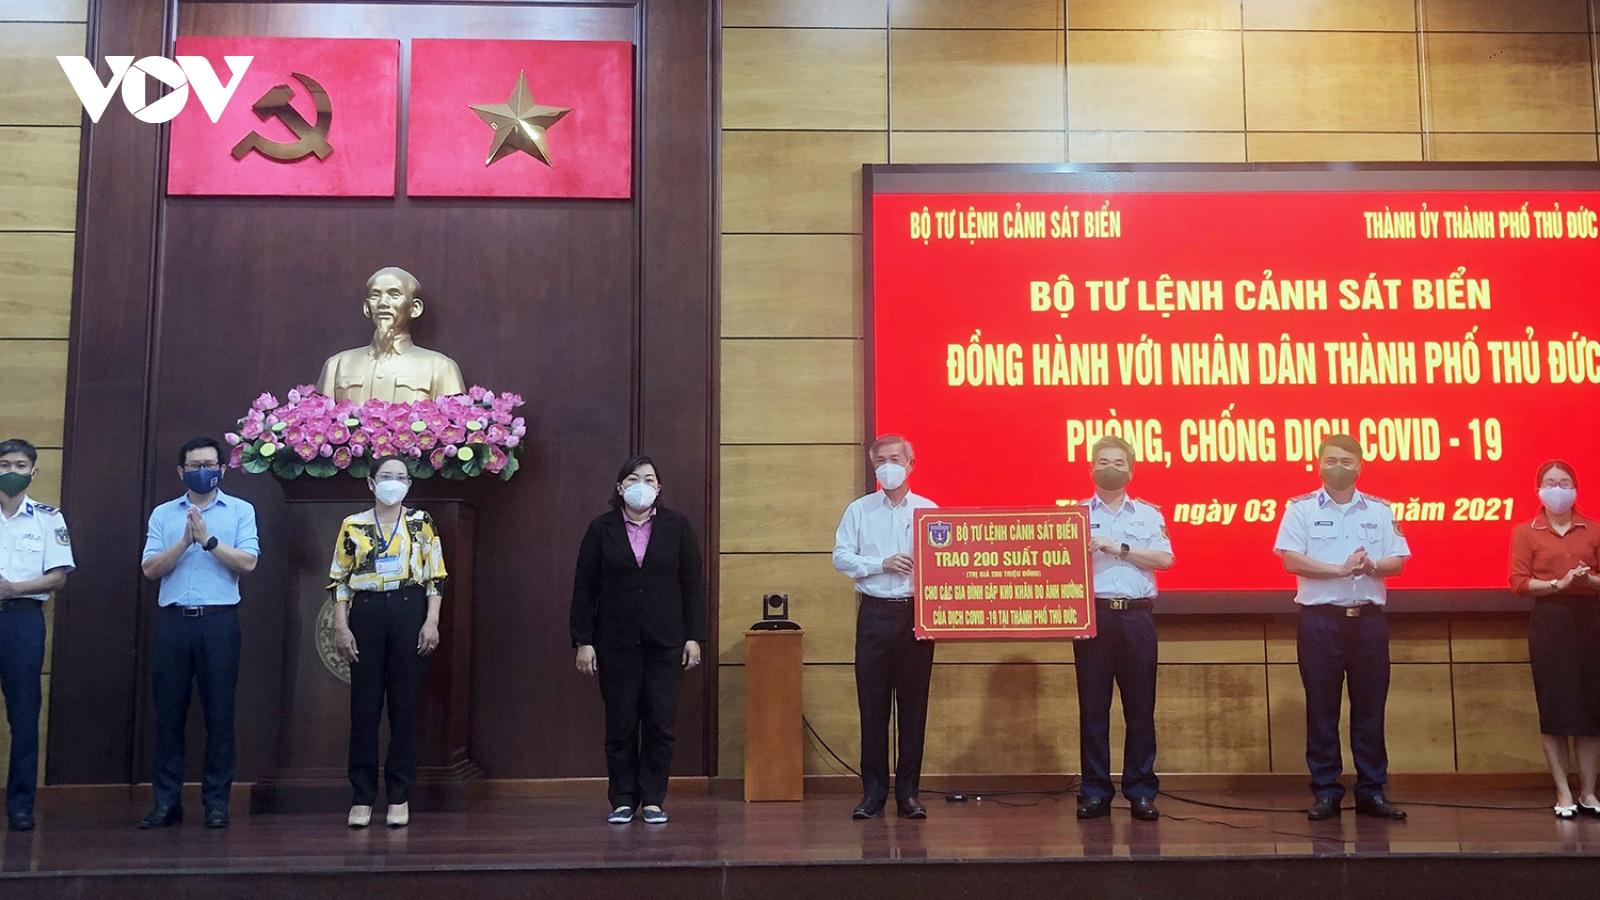 Bộ Tư lệnh Cảnh sát biểntặng quà cho dân nghèo TP.Thủ Đức